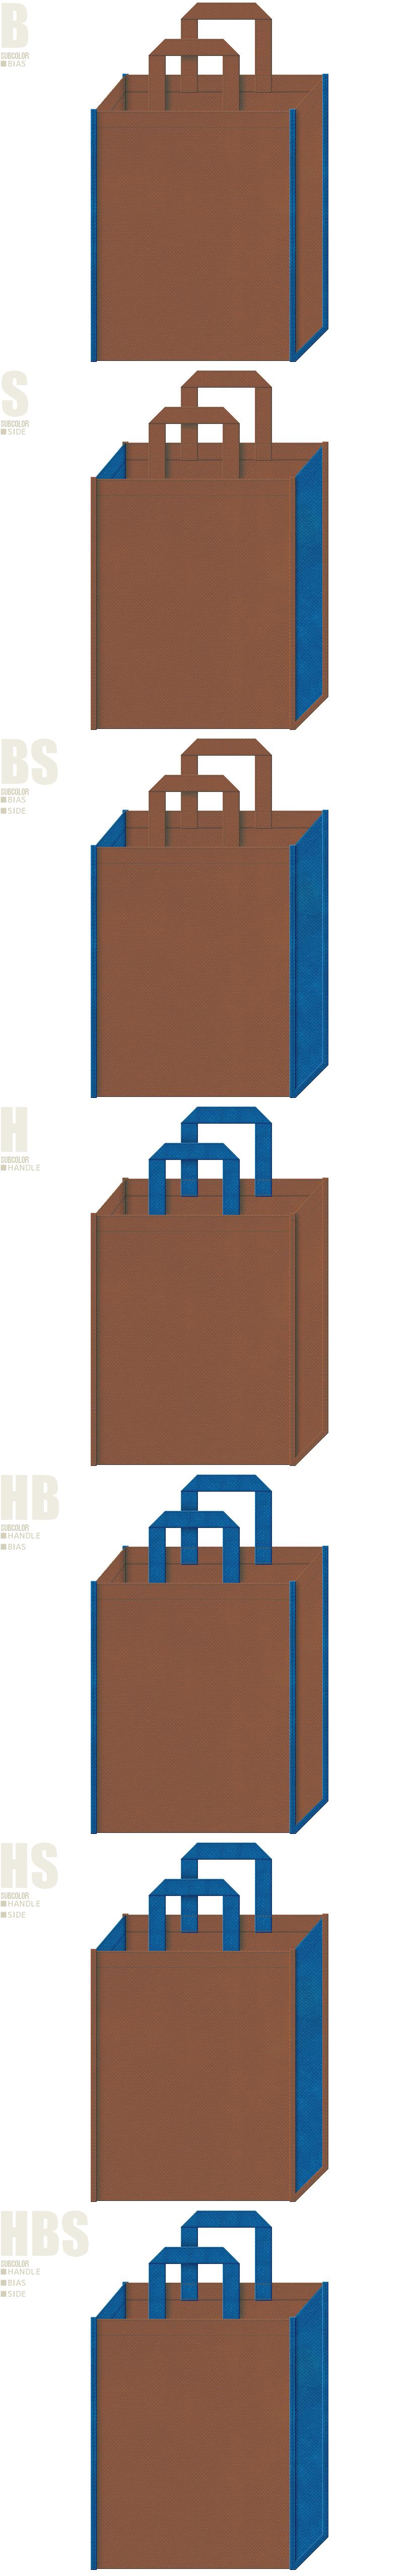 茶色と青色、7パターンの不織布トートバッグ配色デザイン例。